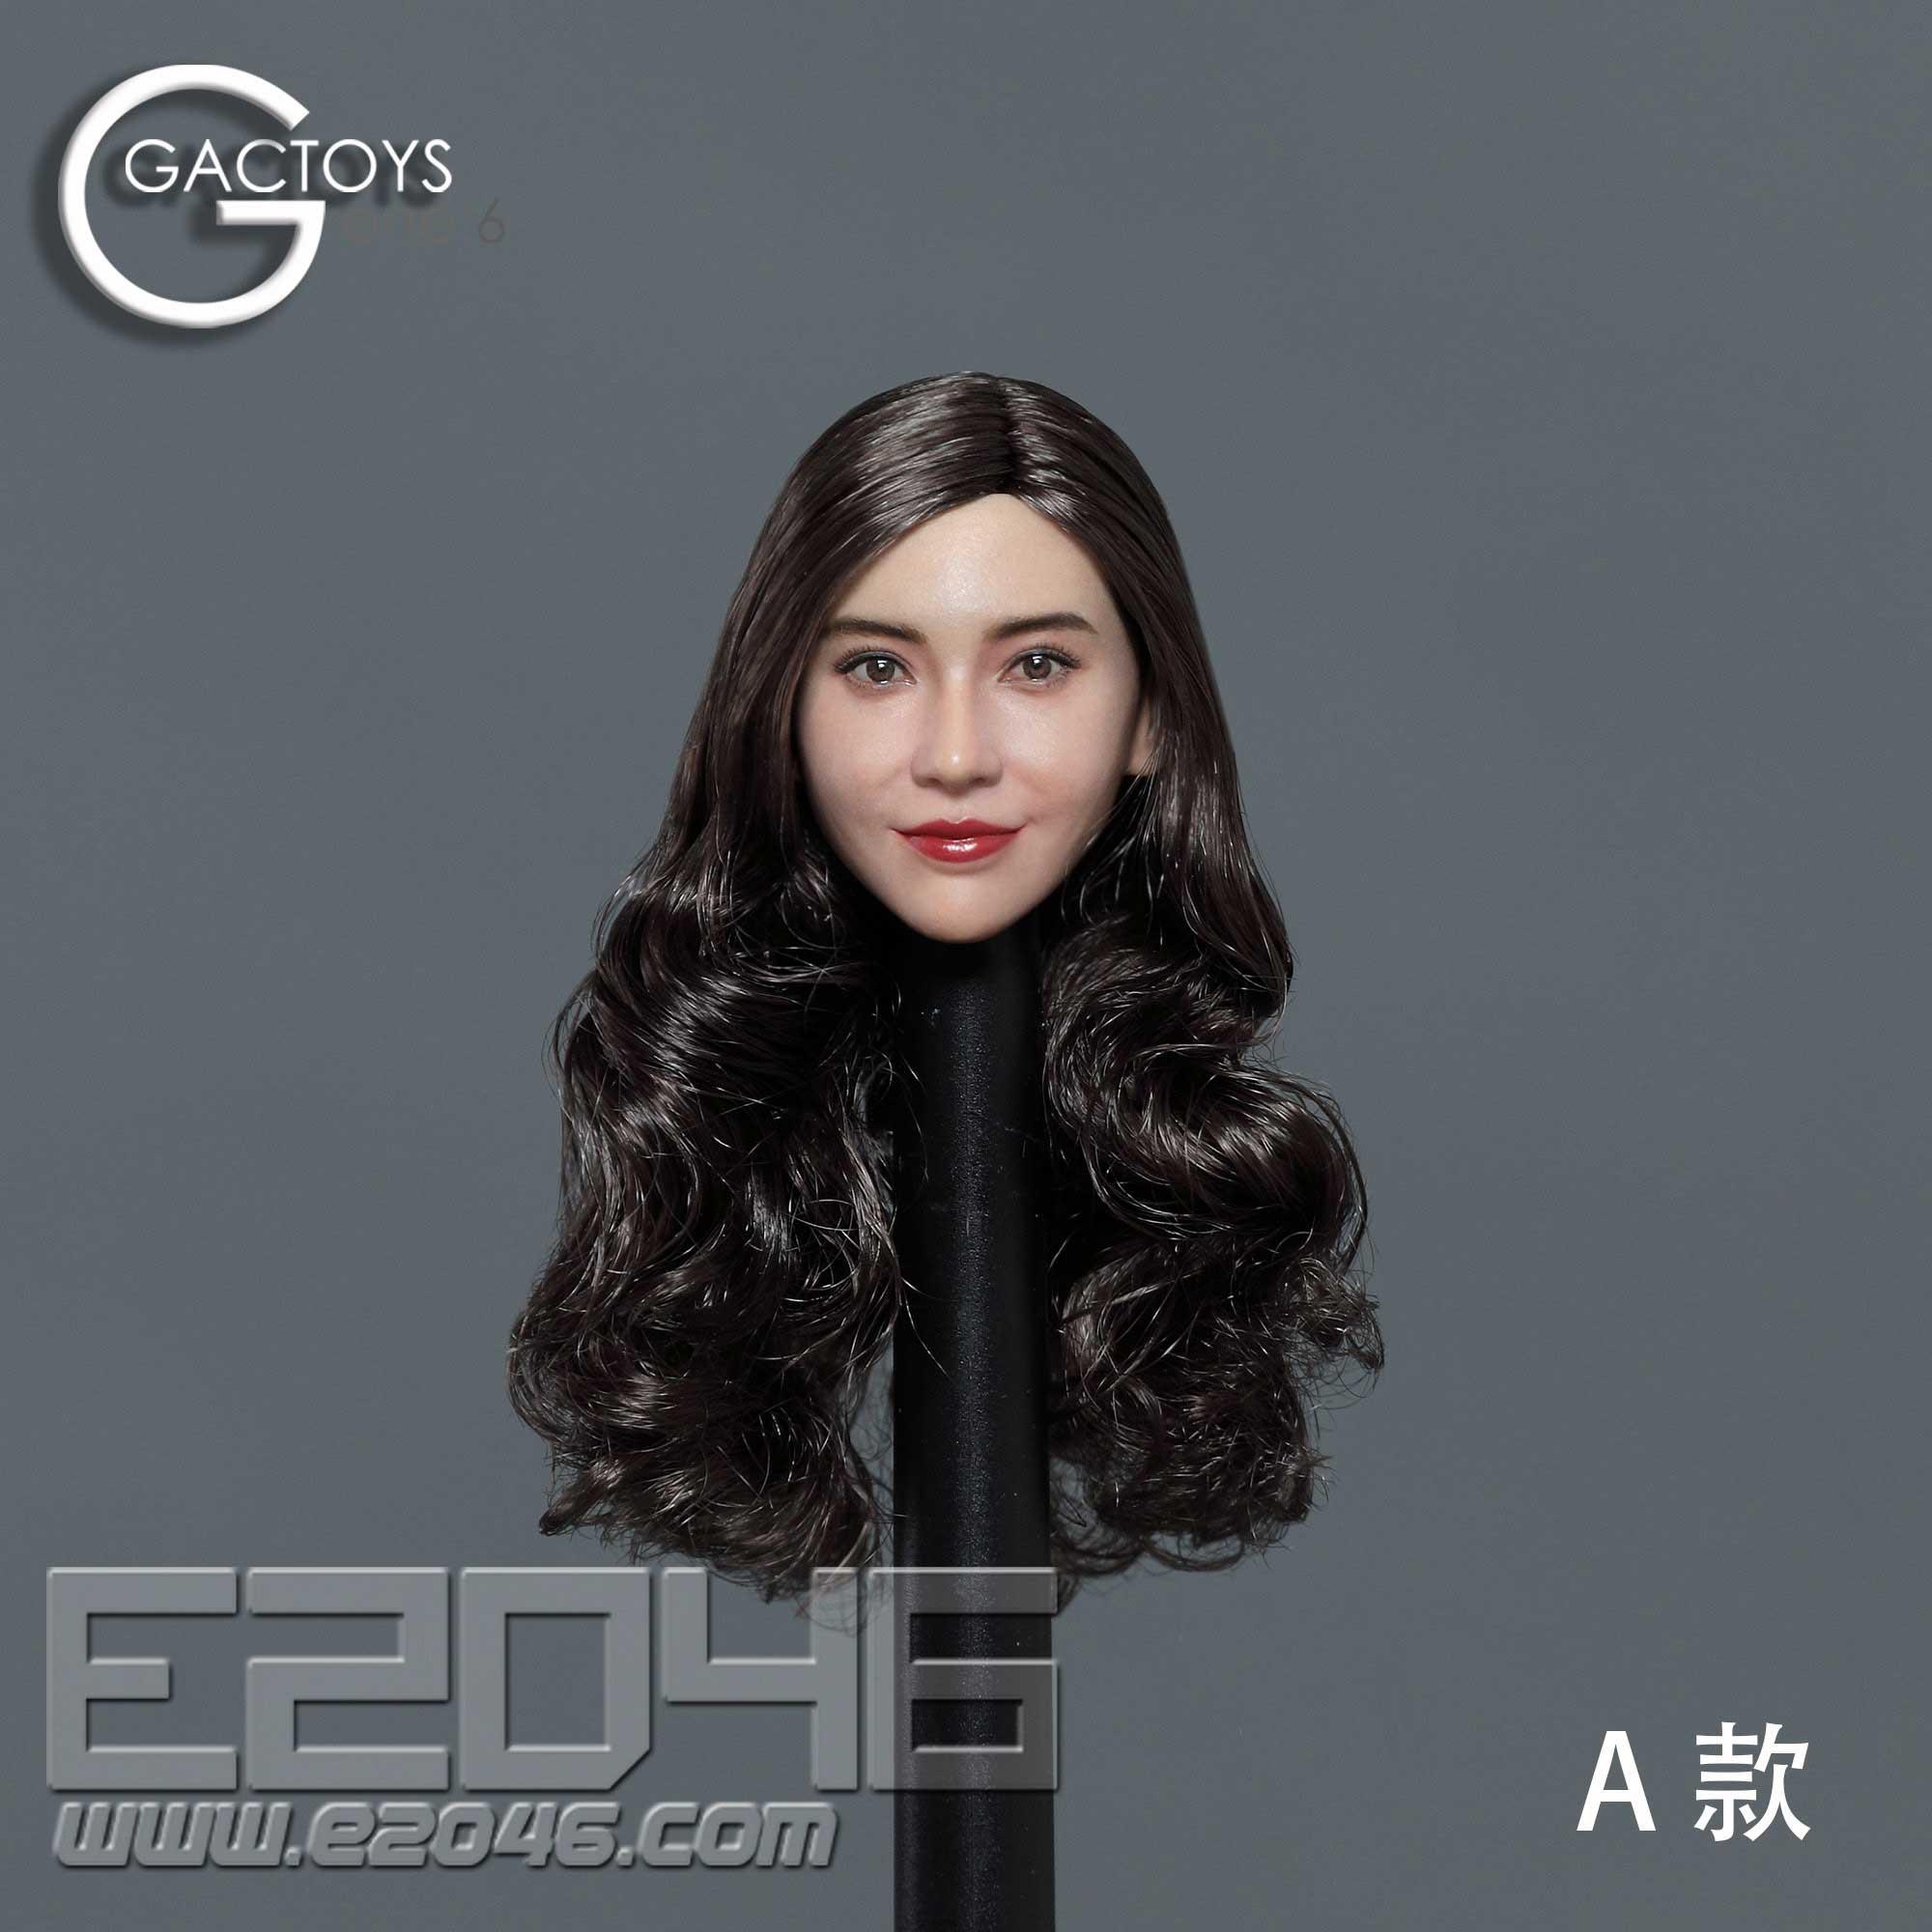 Asian Beauty Head Sculpture A (DOLL)